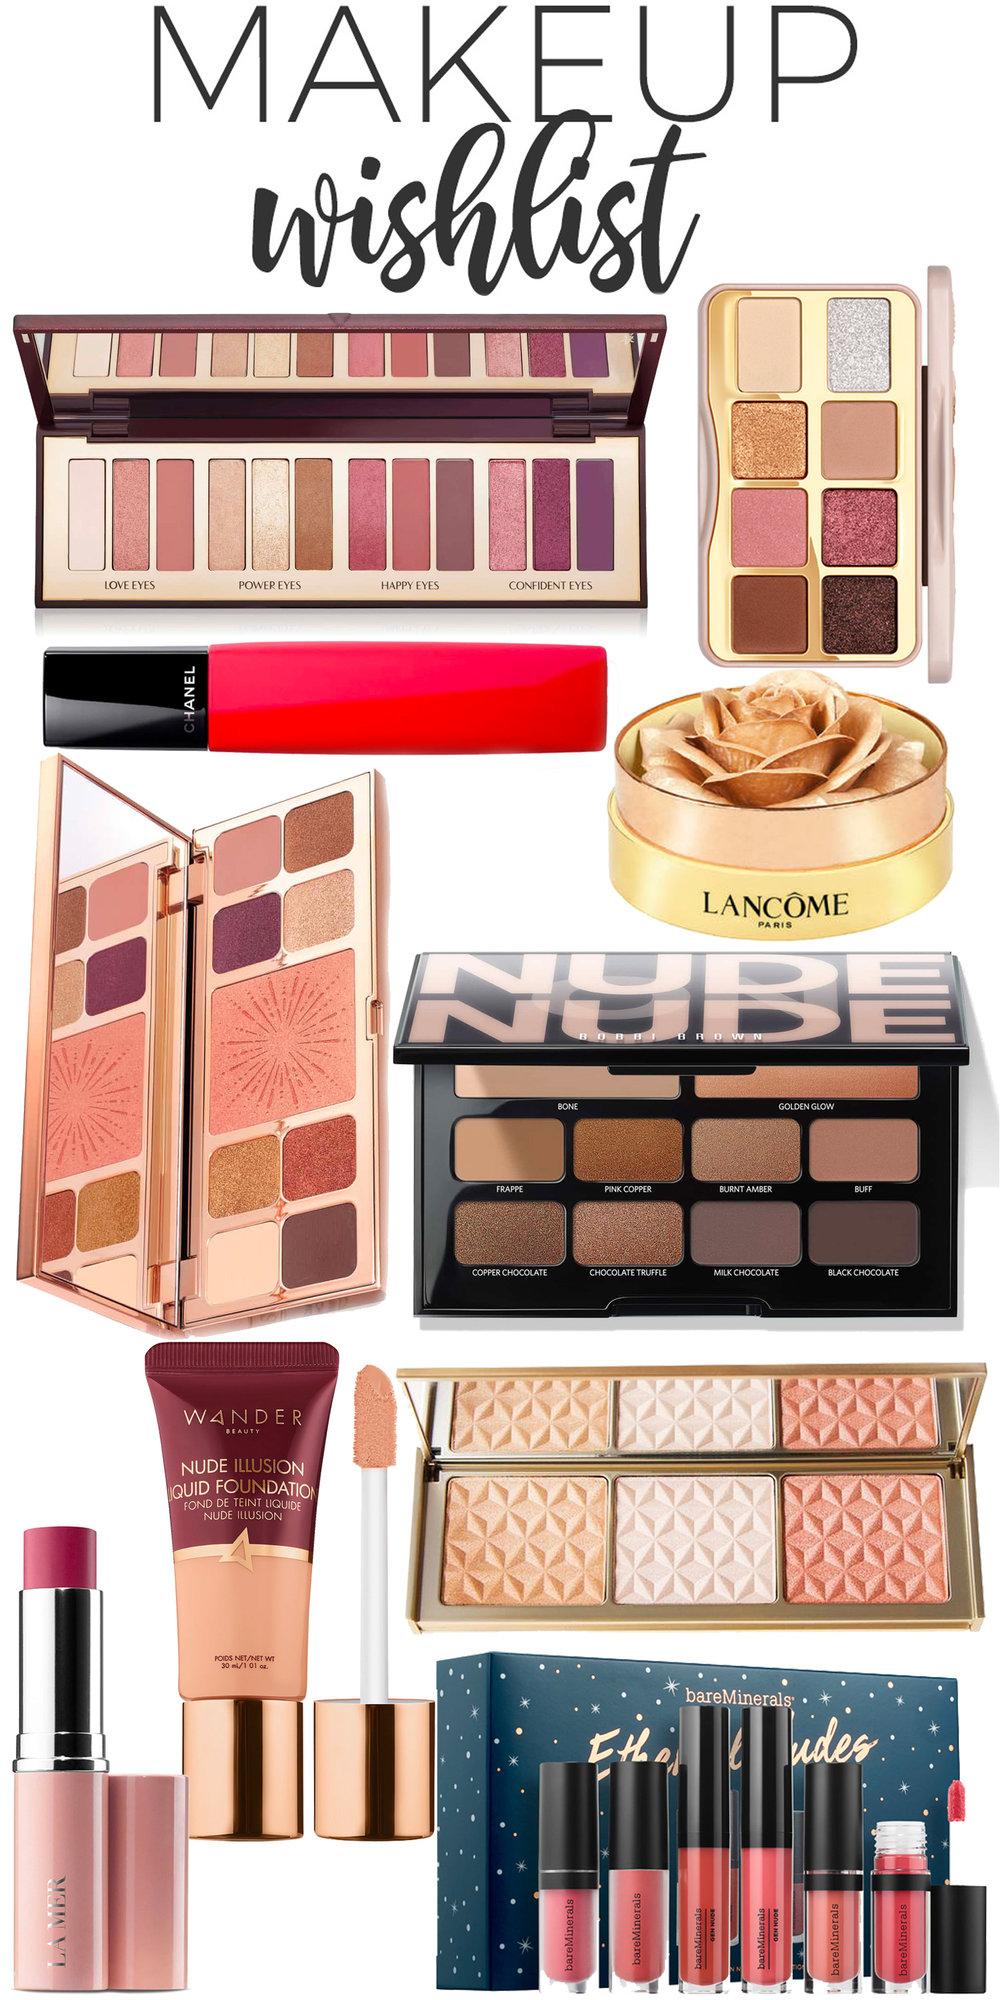 October Makeup Wishlist